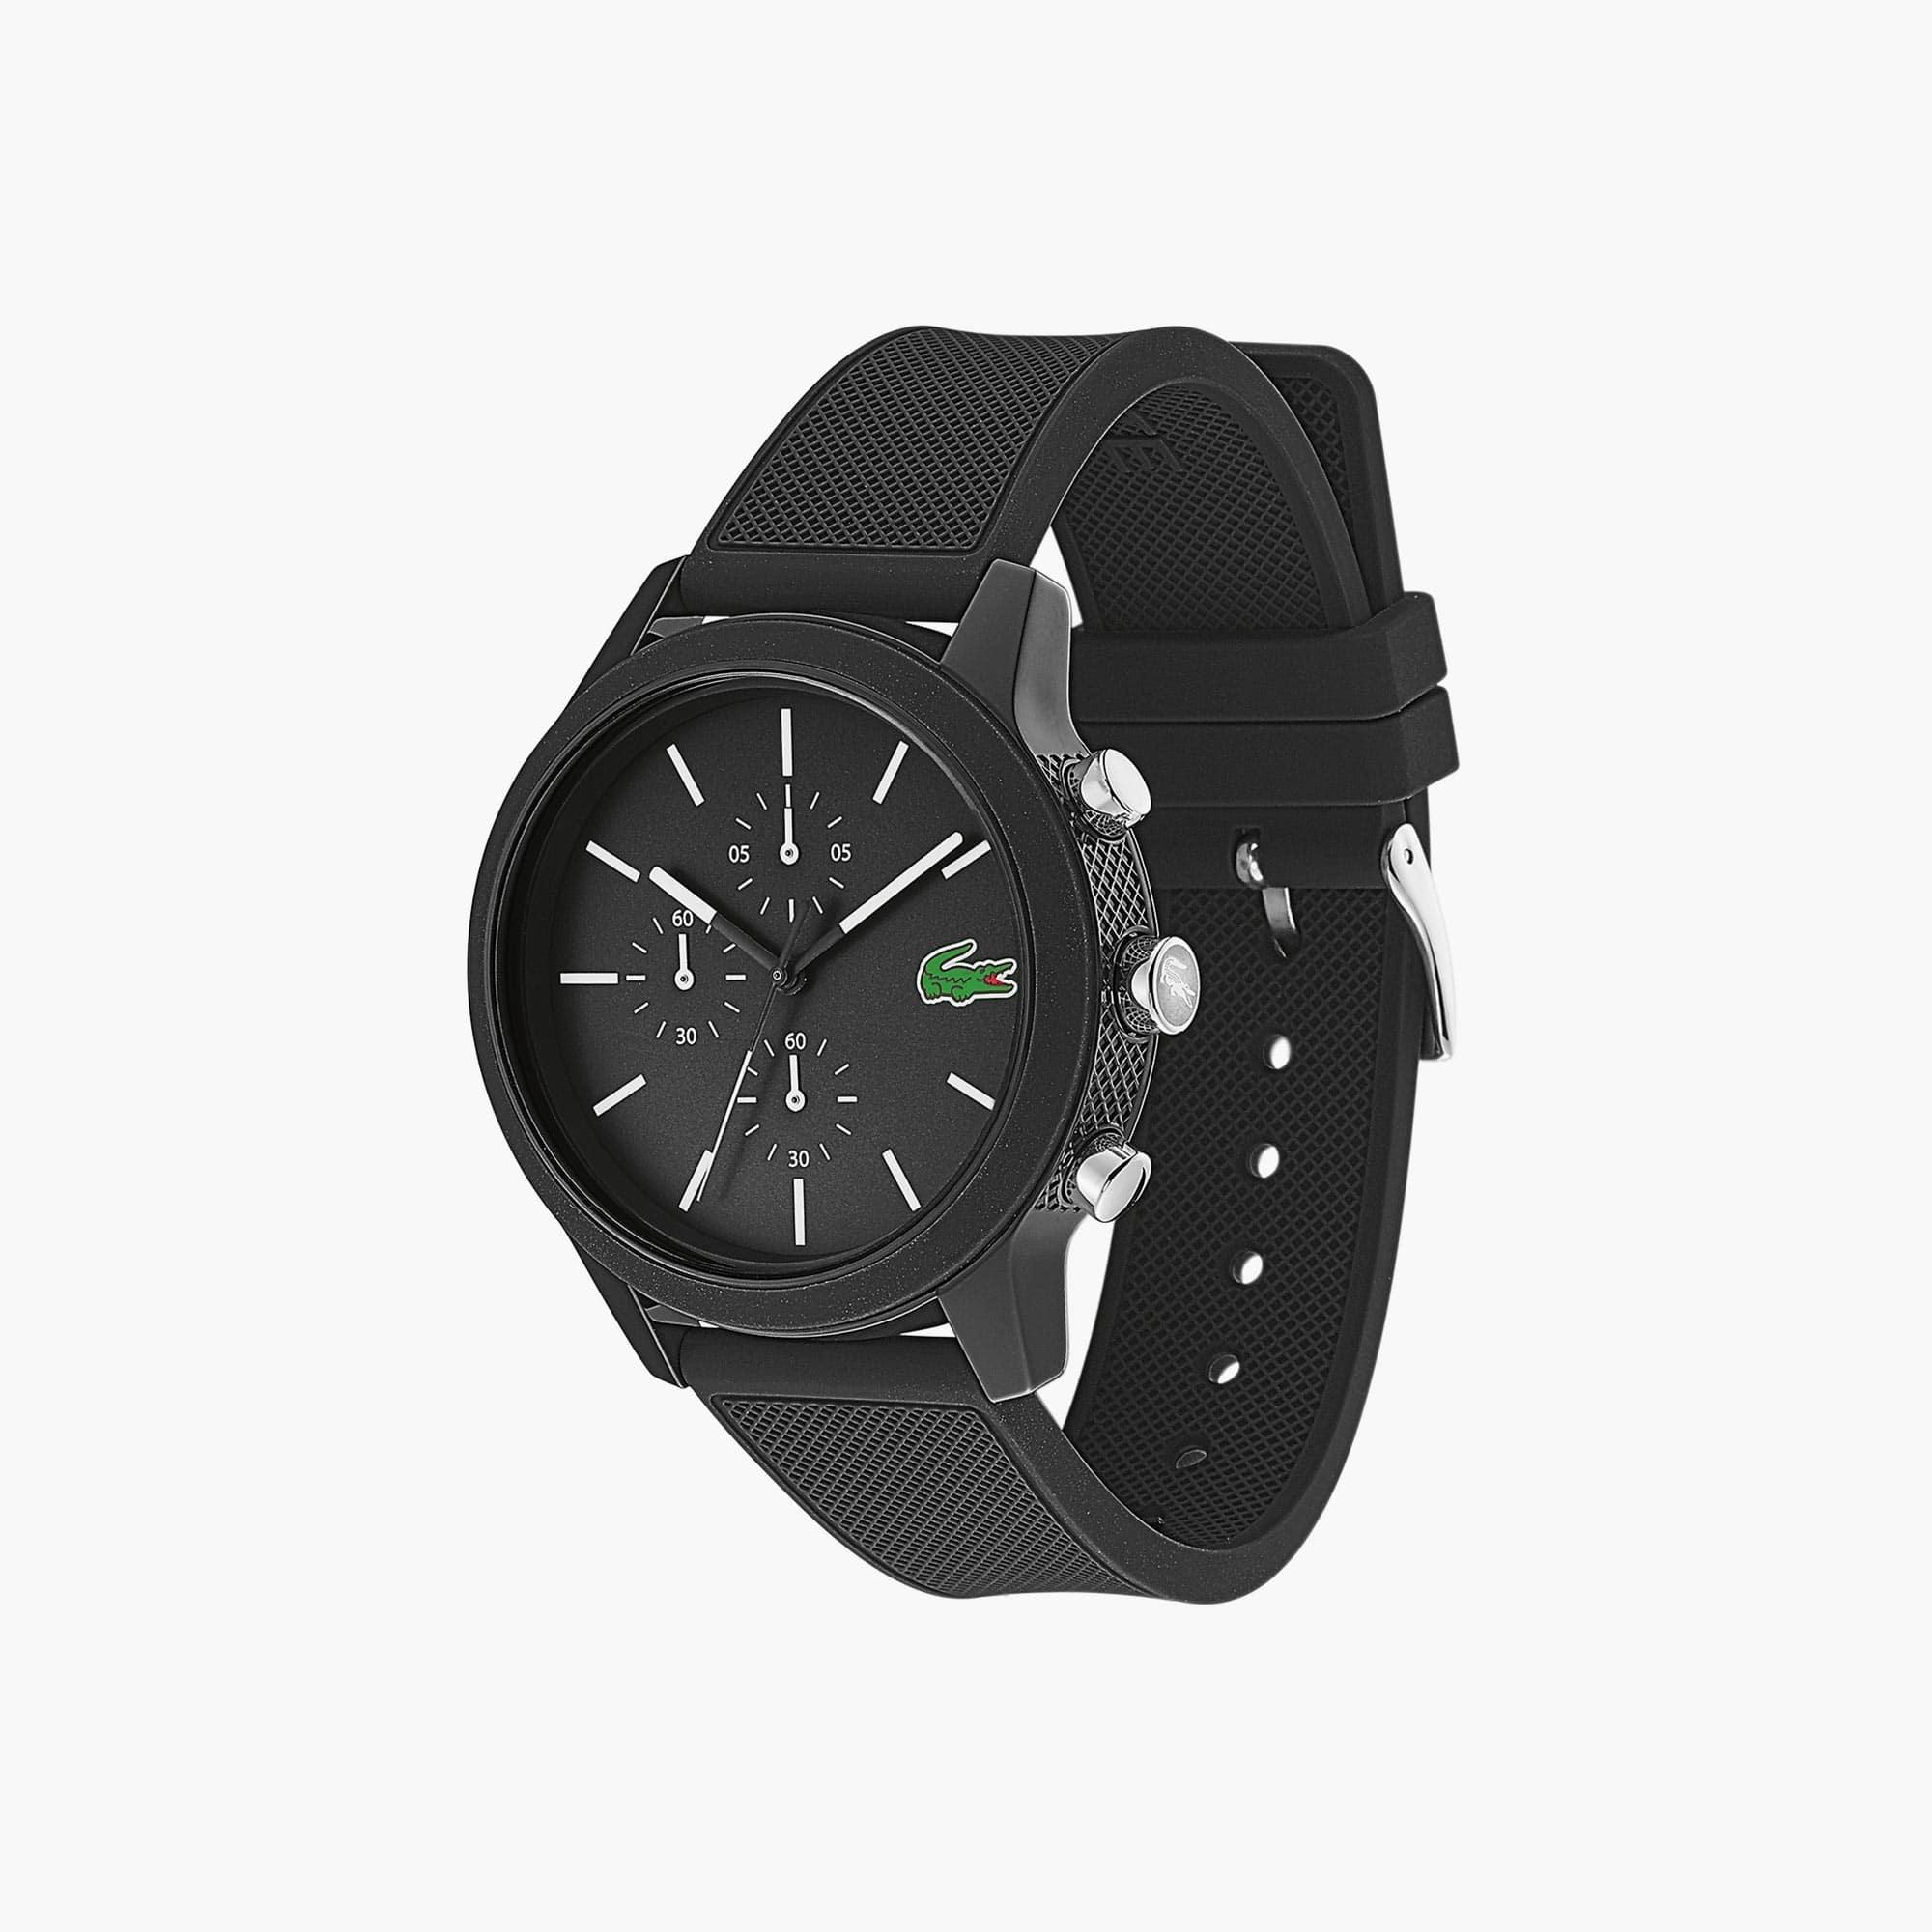 Relógio cronógrafo Lacoste 12.12 de homem com bracelete de silicone preta